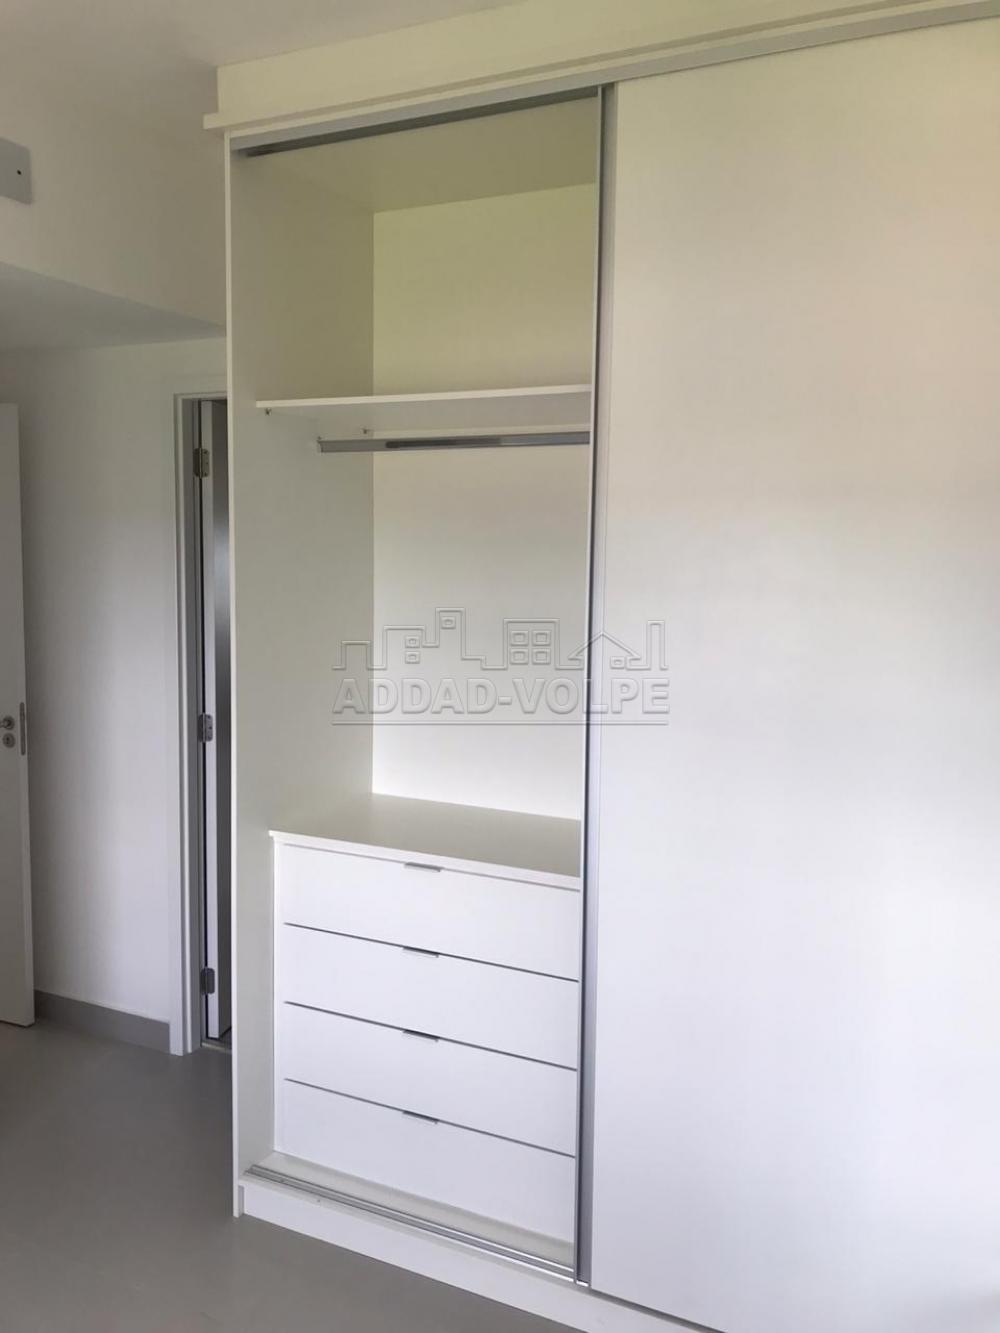 Alugar Apartamento / Padrão em Bauru apenas R$ 1.250,00 - Foto 6